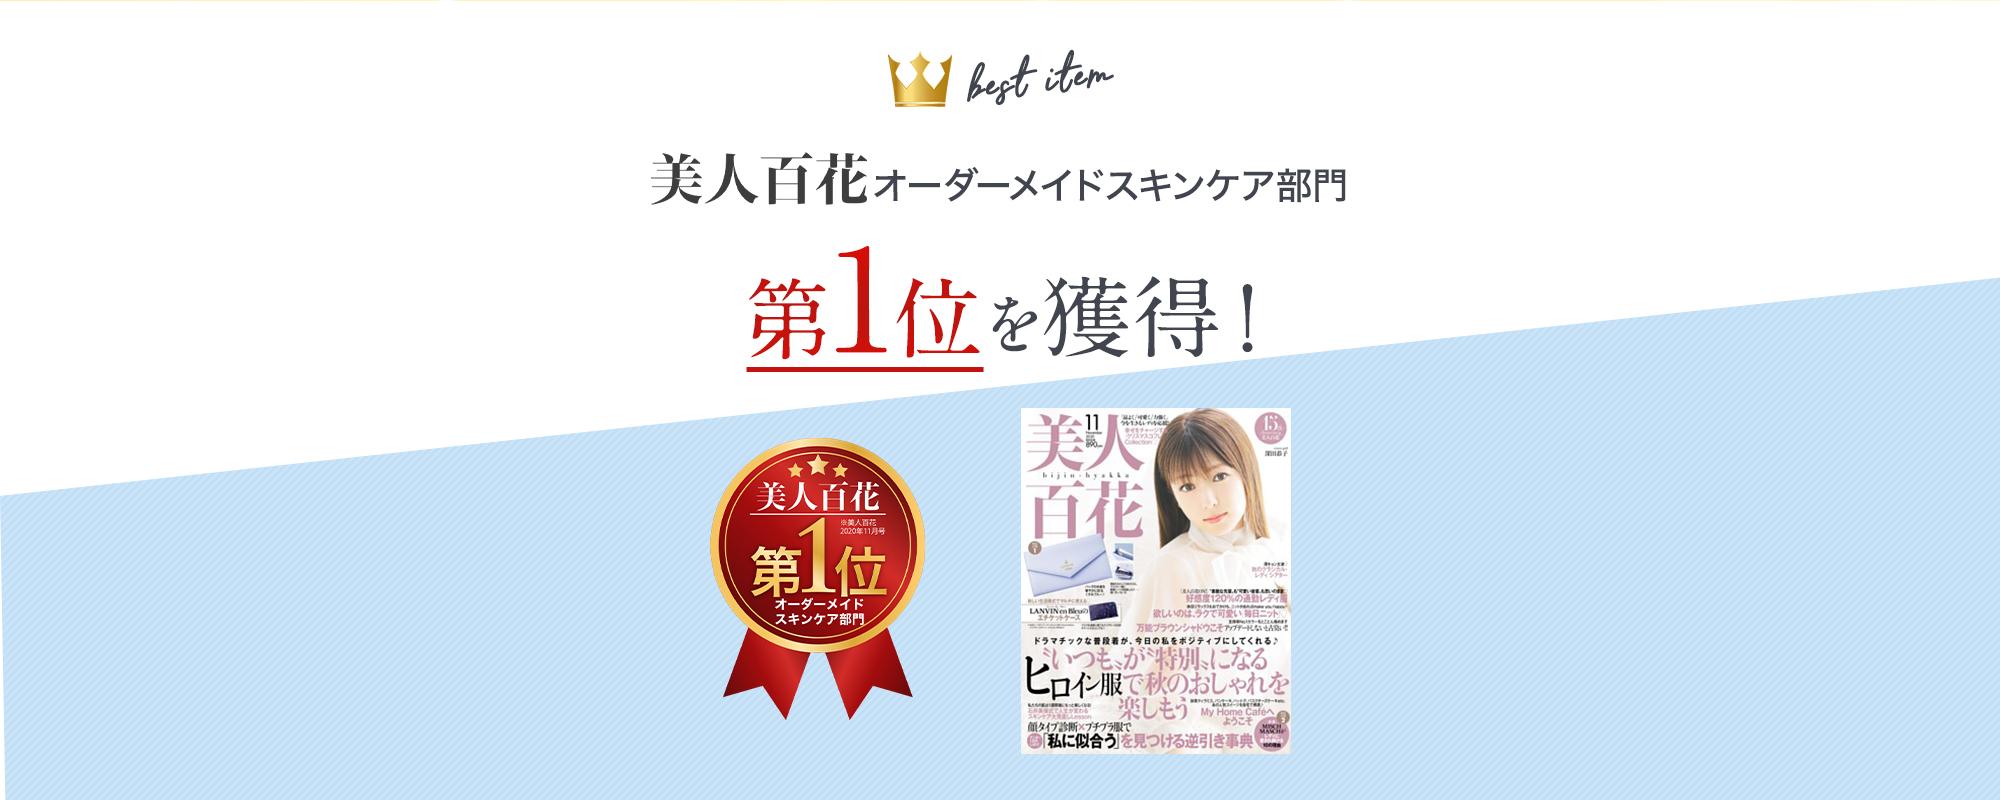 美人百花オーダーメイドスキンケア部門第1位を獲得!